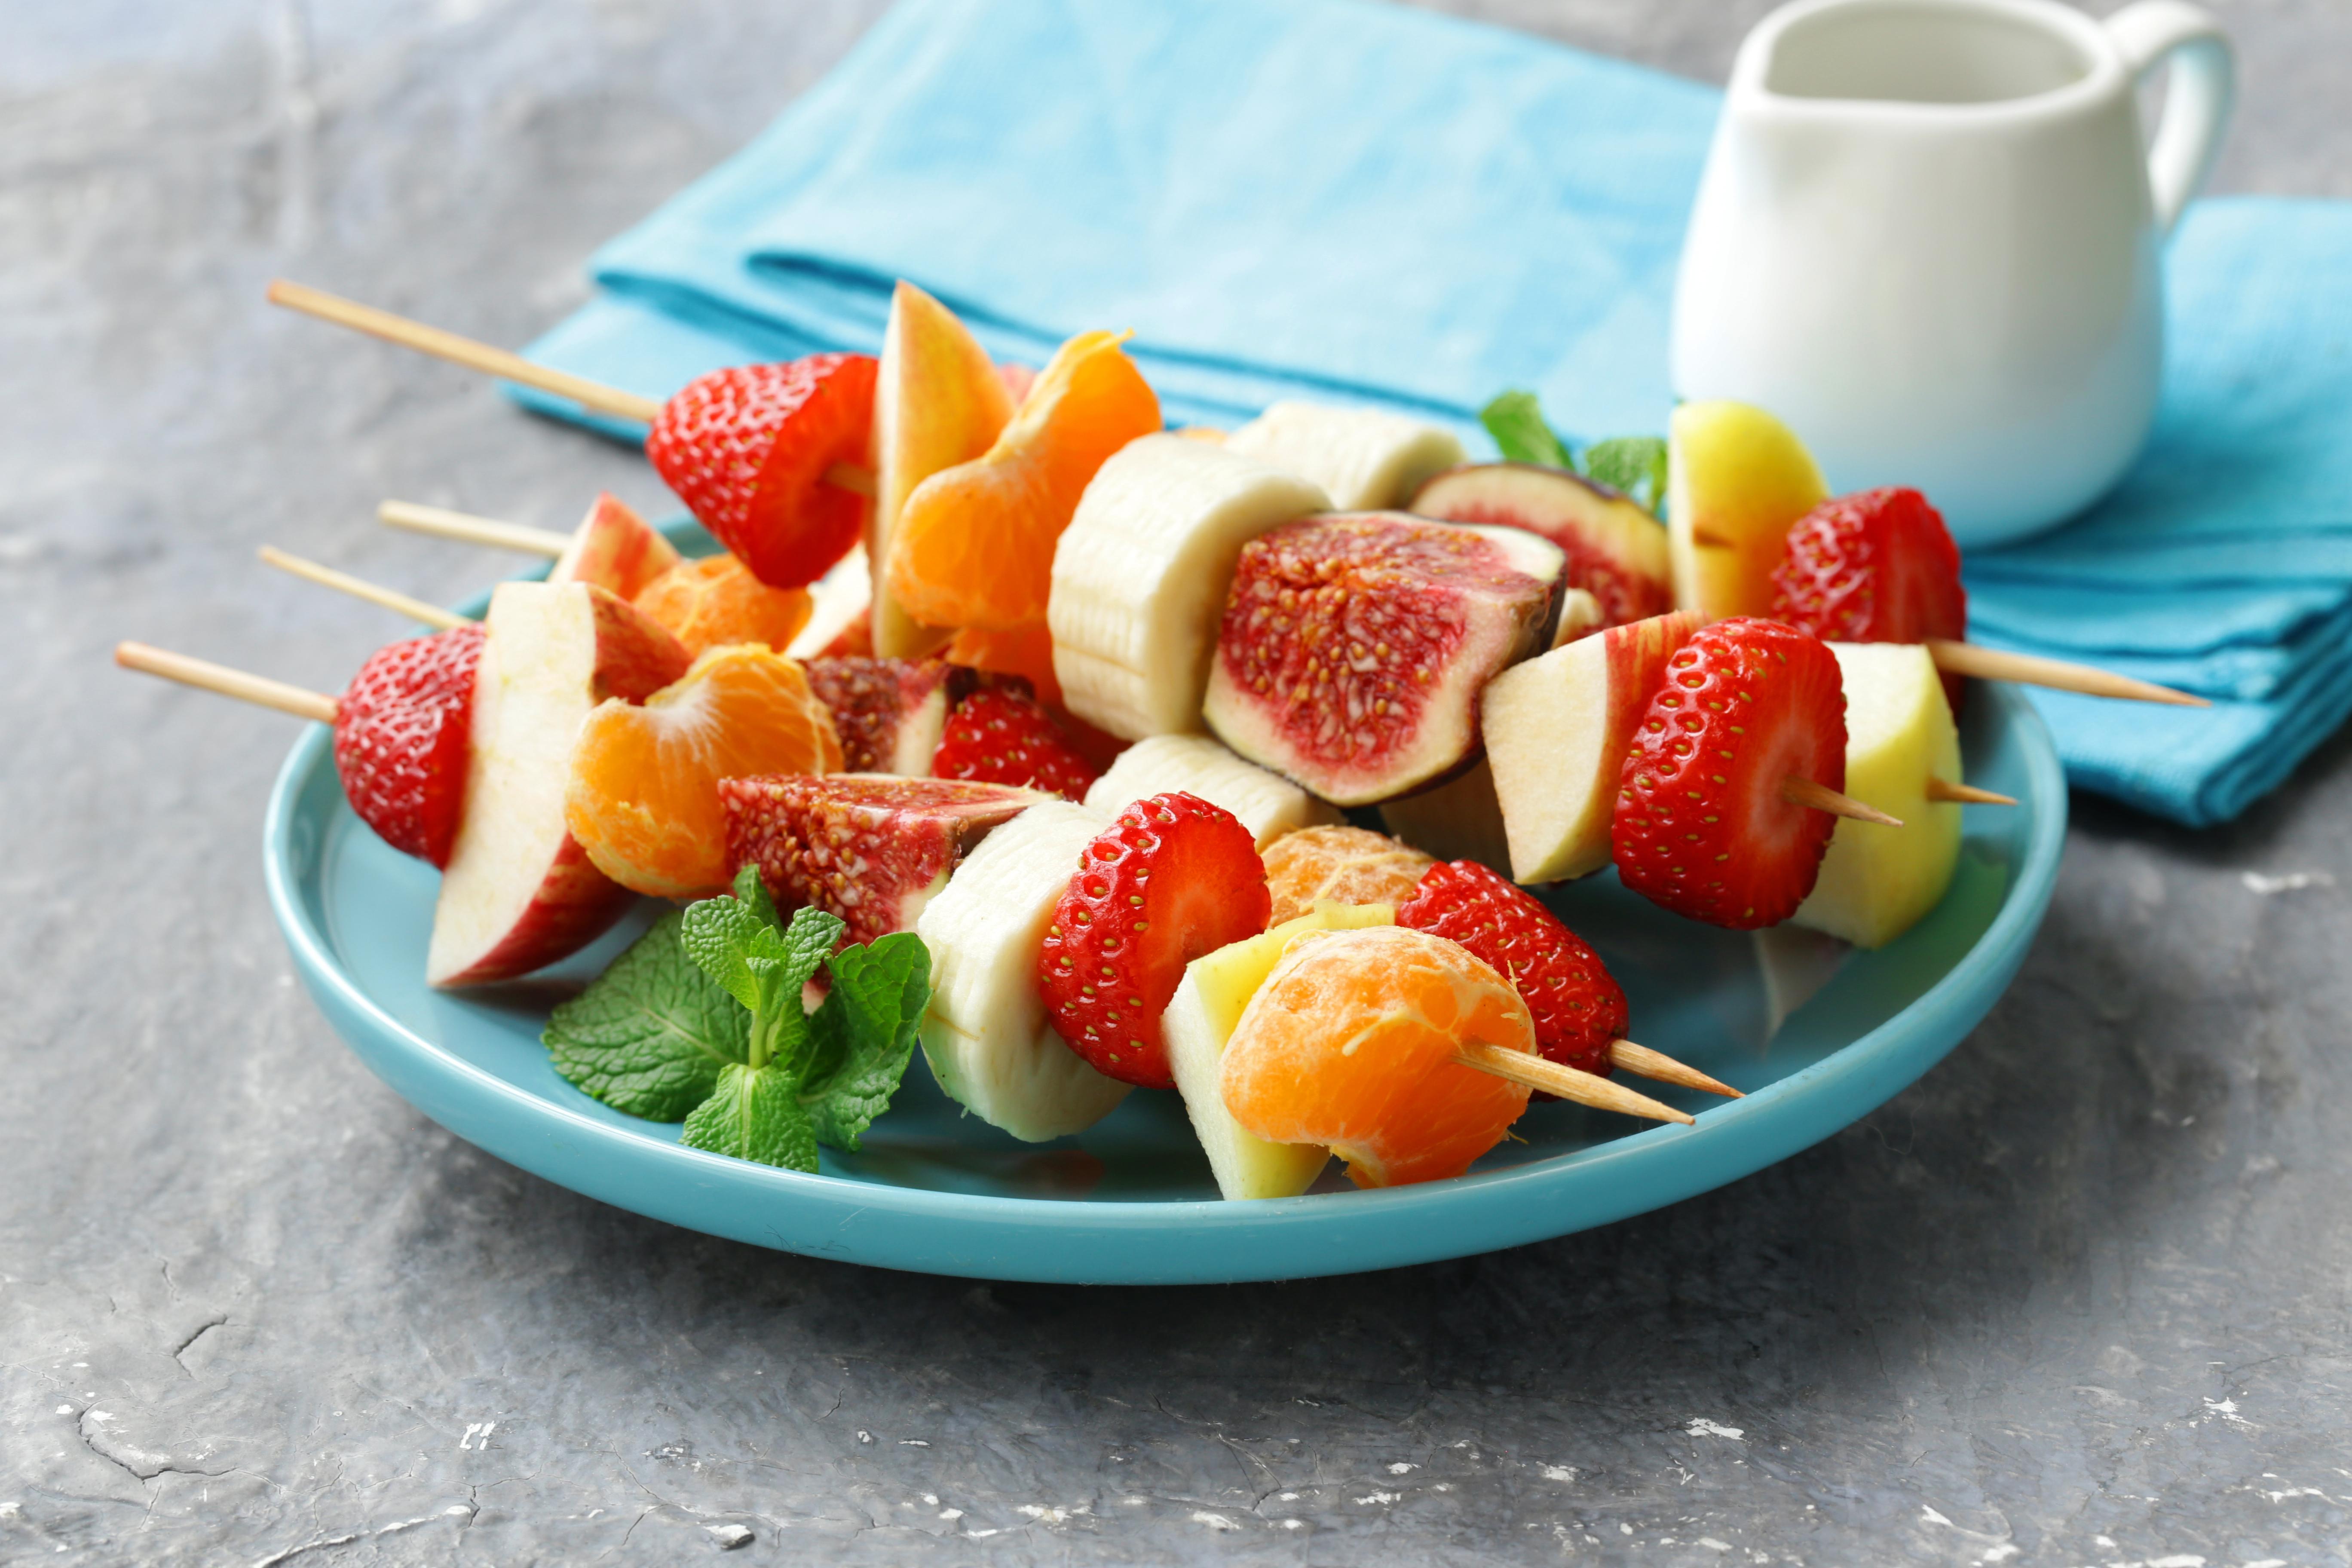 shutterstock_332289584 veckans recept fruktspett grillad frukt mat och vitaminer grilla frukt.jpg